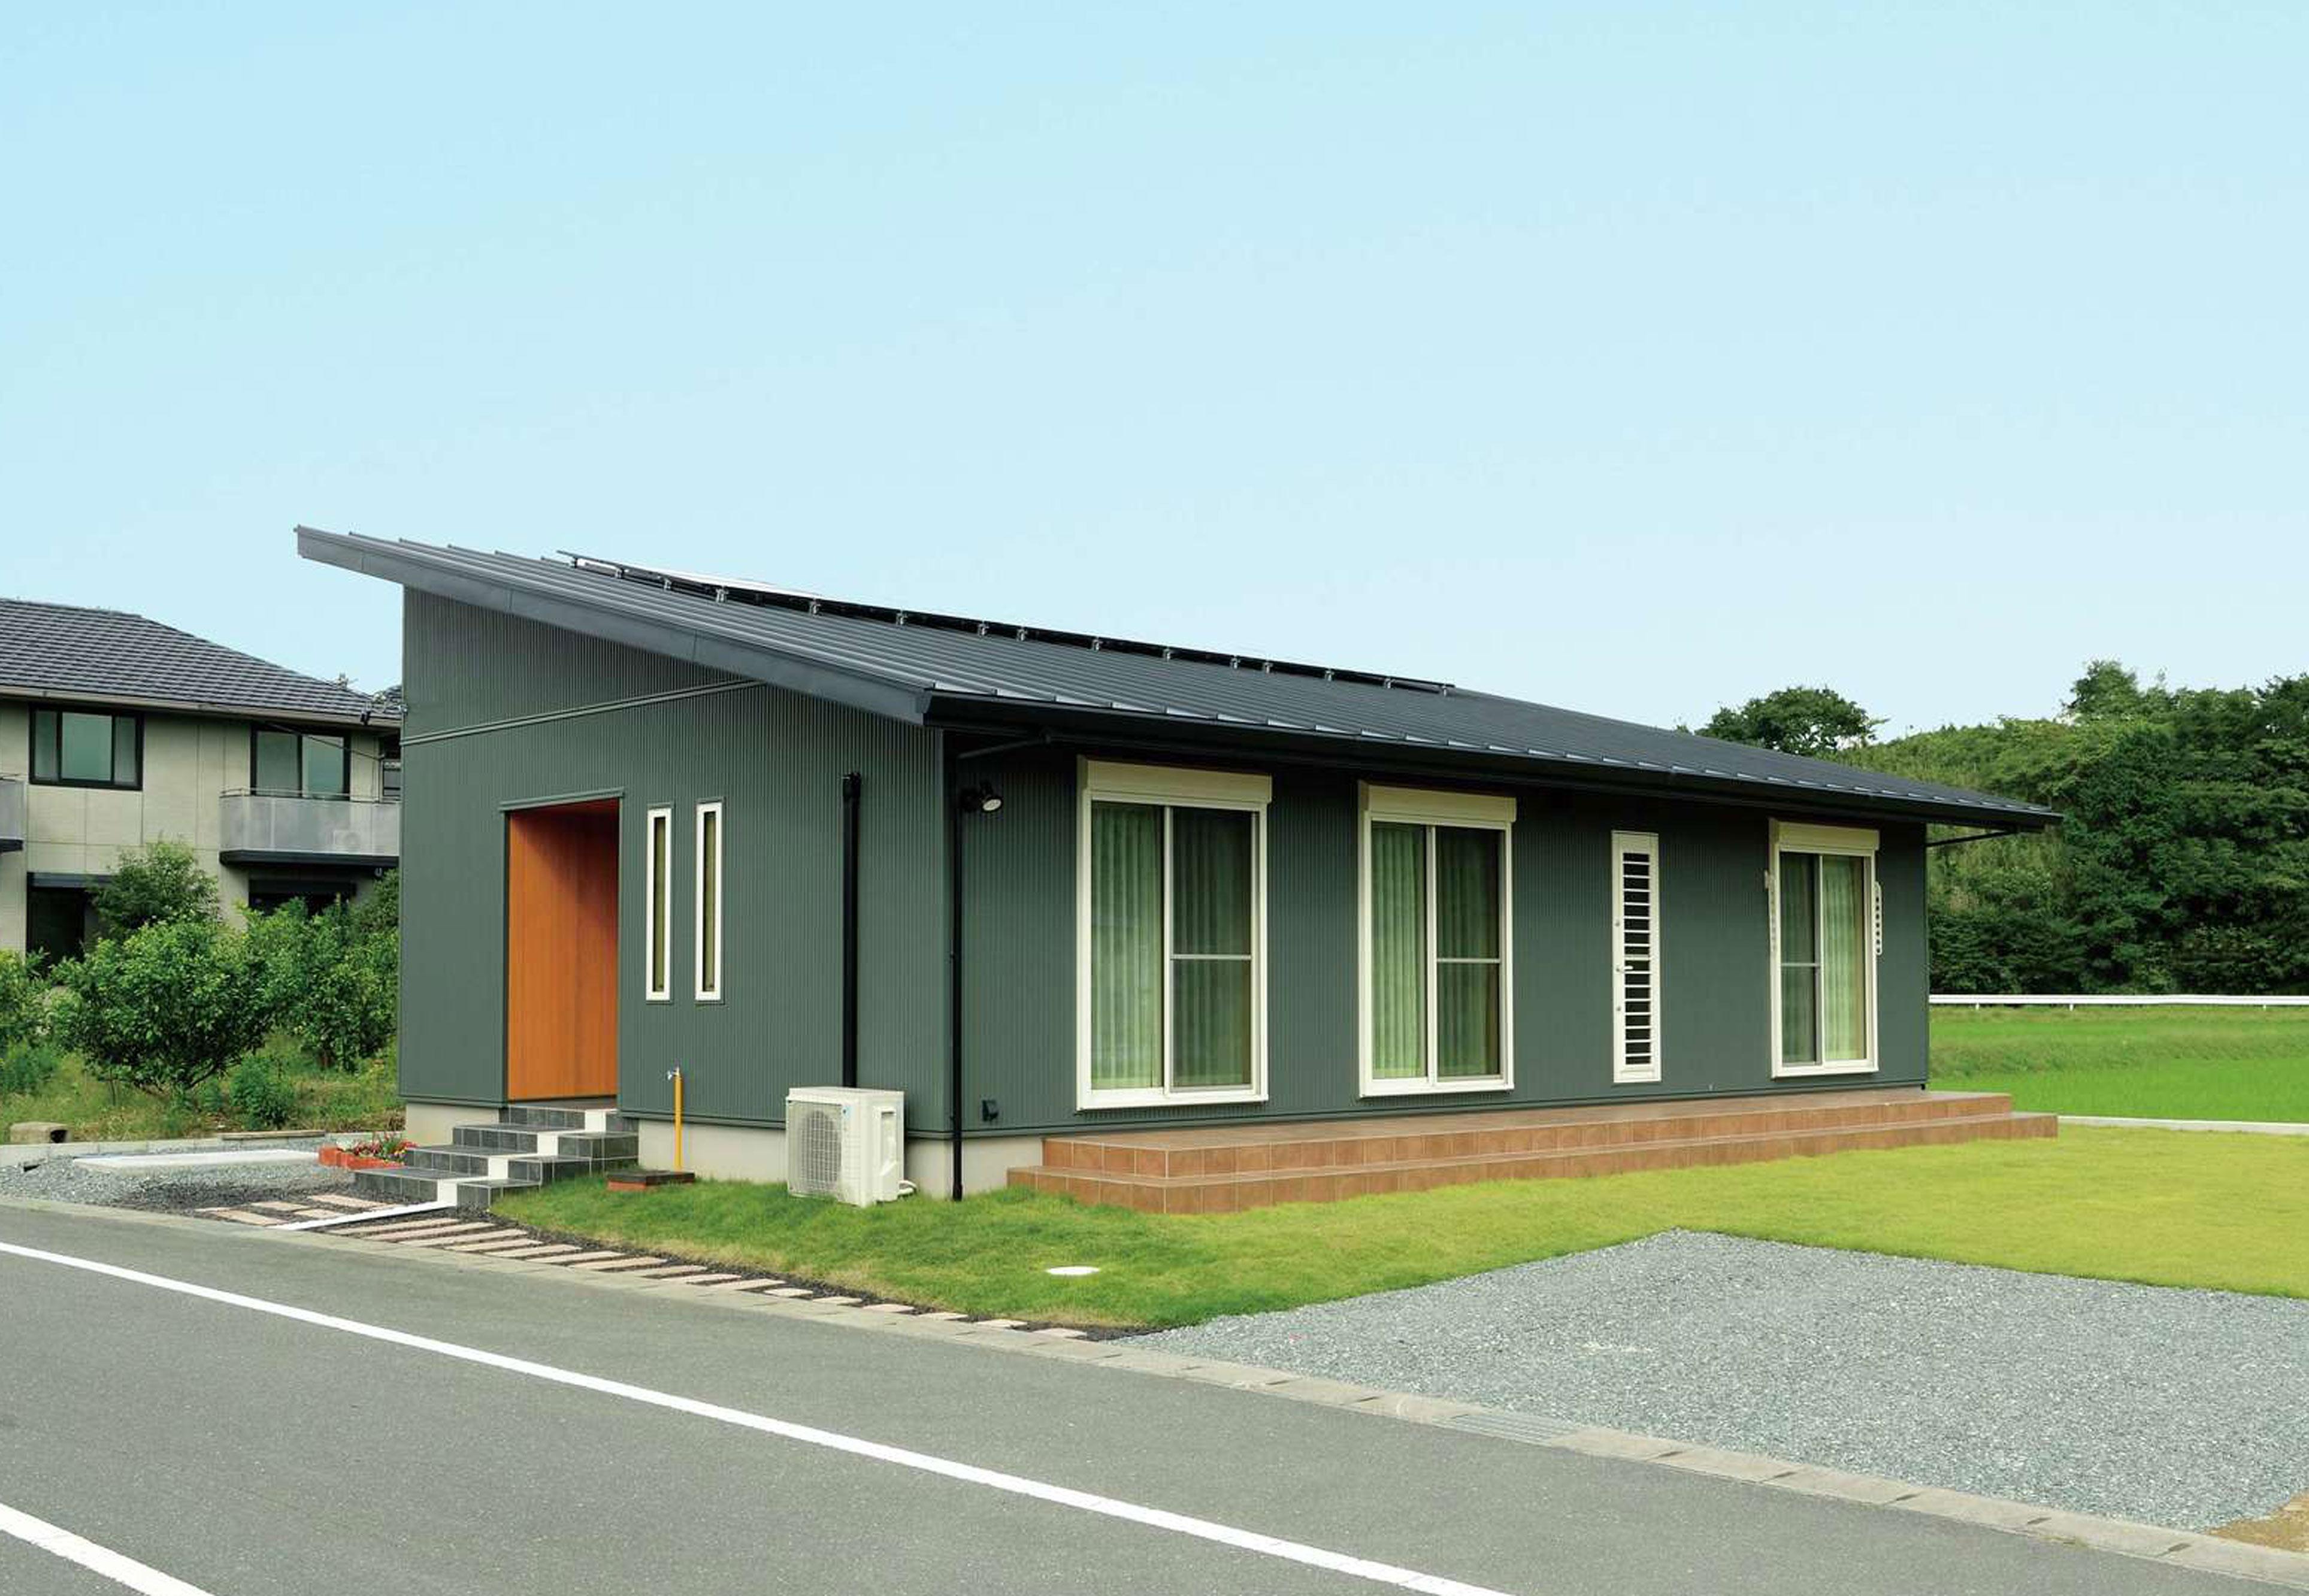 村木建築工房【自然素材、夫婦で暮らす、平屋】深緑の外壁と黒の屋根の組み合わせがモダンな外観。屋根には太陽光発電のパネルを搭載